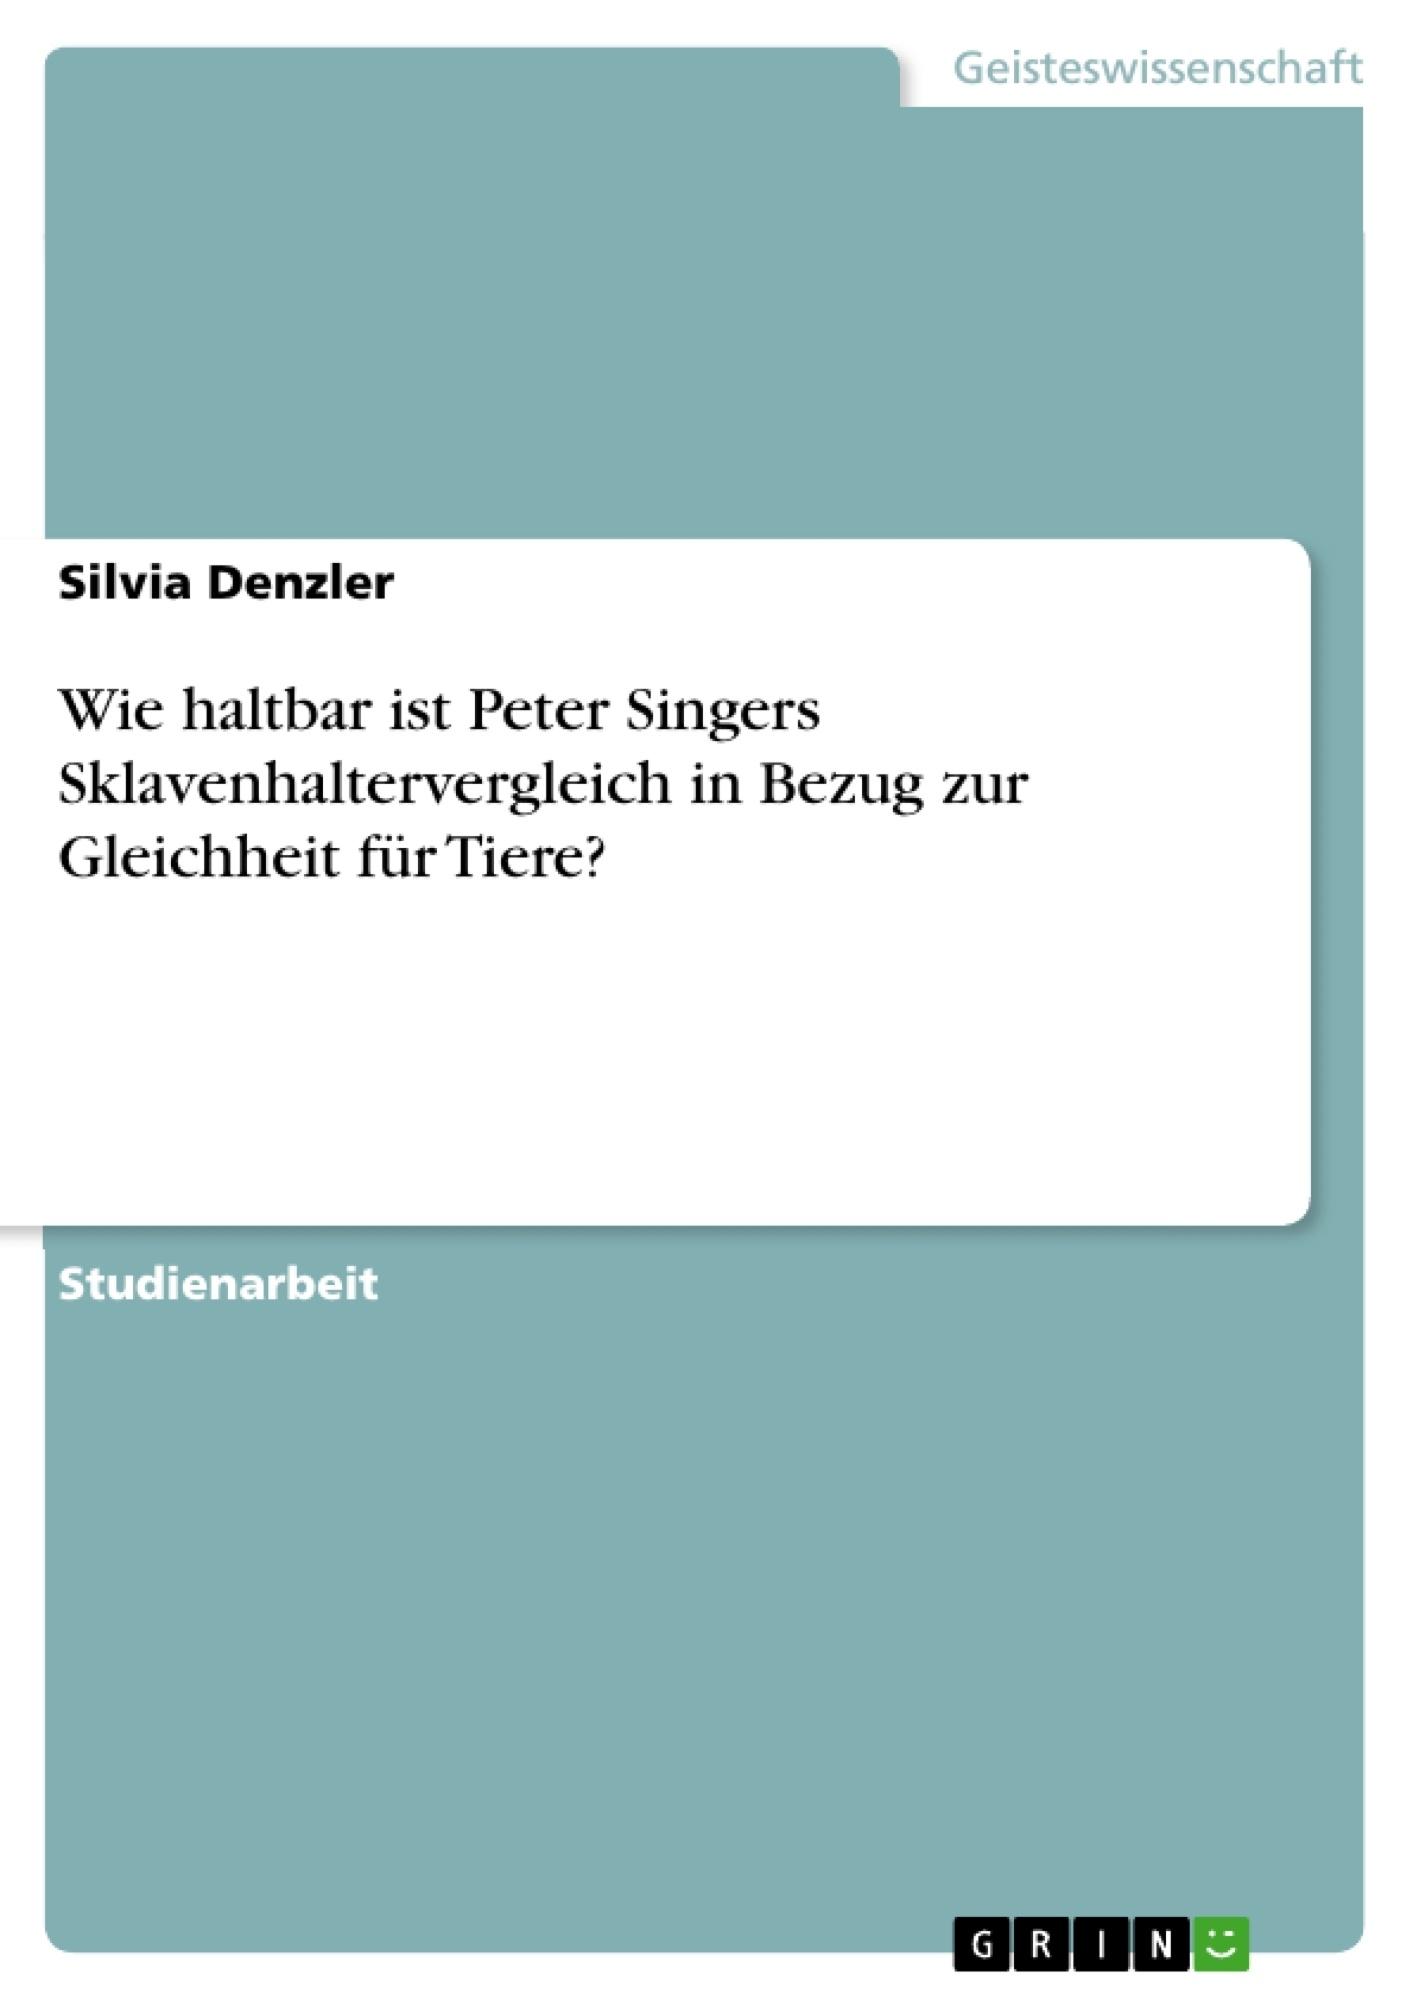 Titel: Wie haltbar ist Peter Singers Sklavenhaltervergleich in Bezug zur Gleichheit für Tiere?